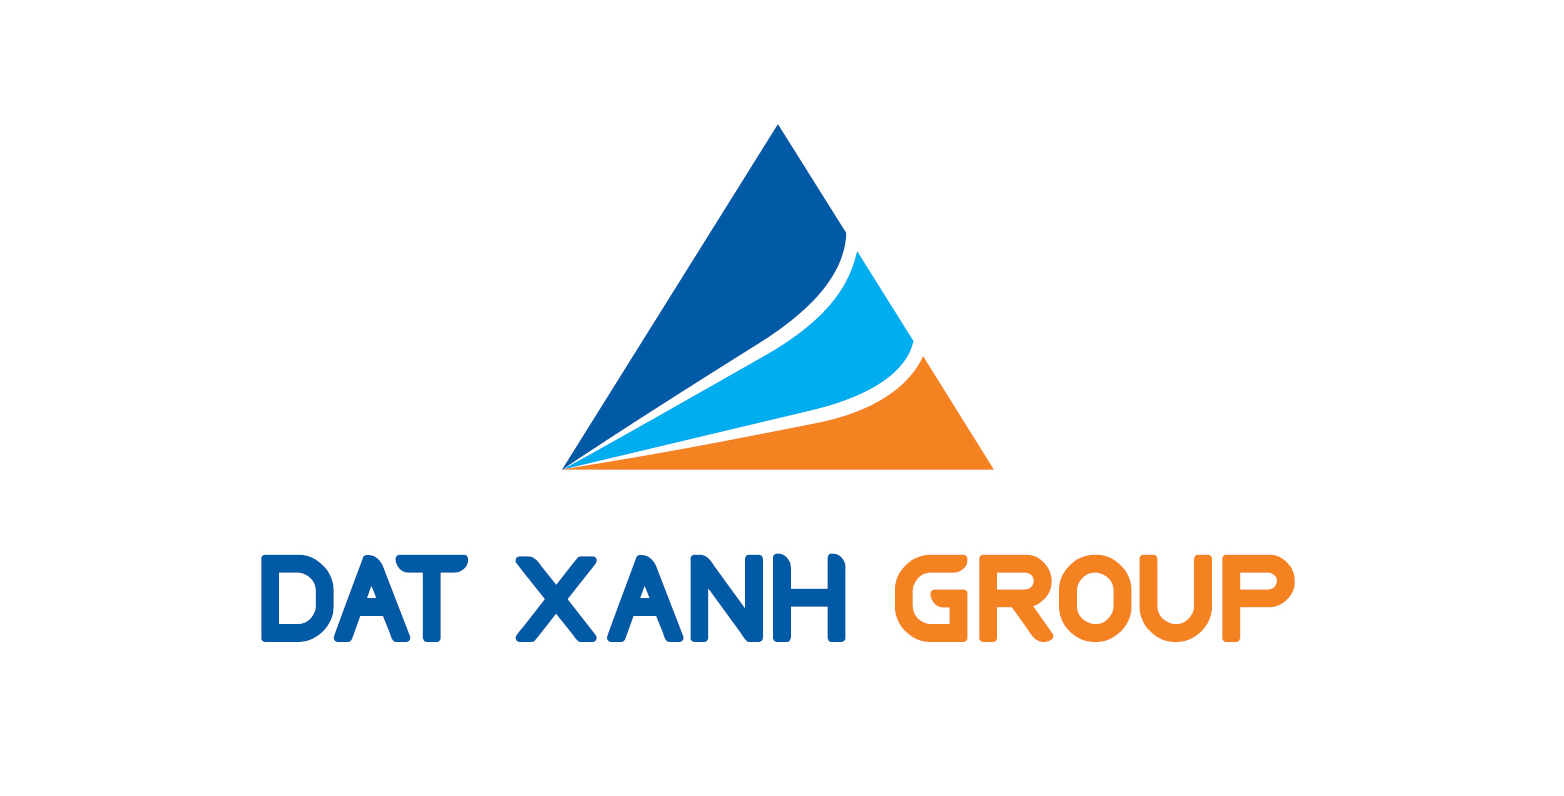 Đất Xanh Group - Chủ đầu tư uy tín & danh tiếng hàng đầu tại Việt Nam